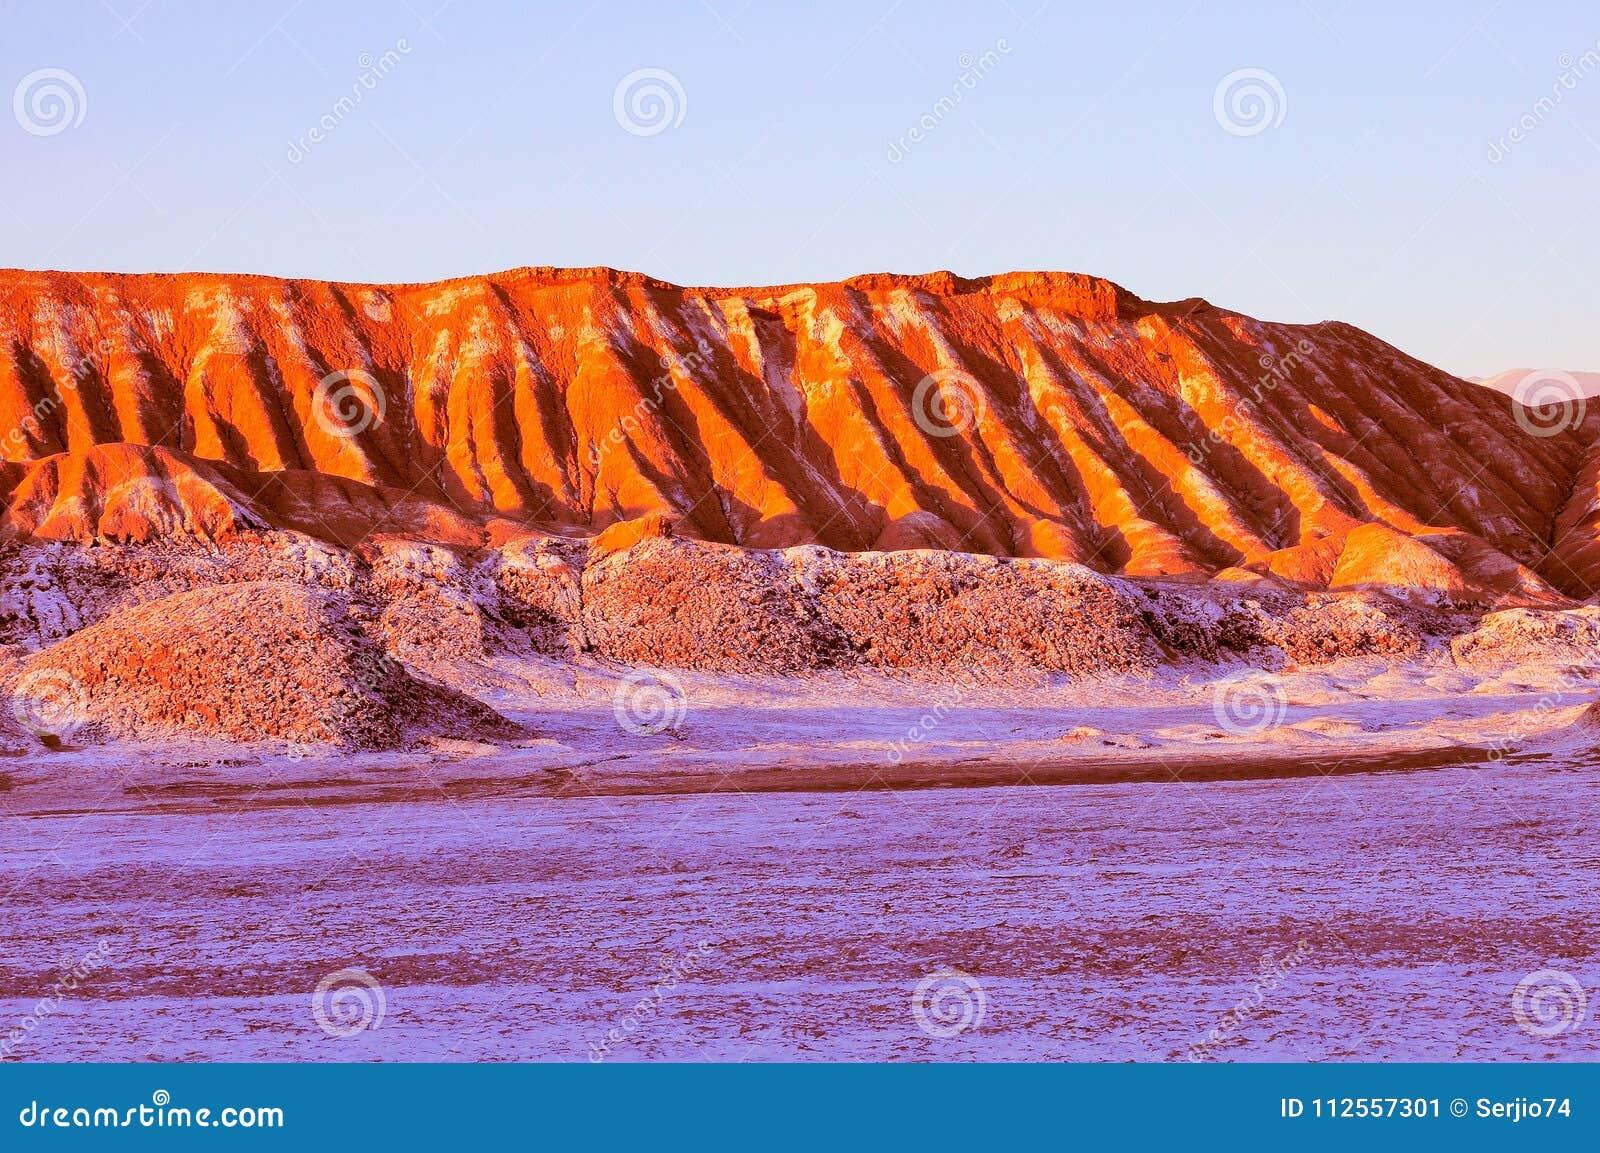 Maanvallei in Atacama-woestijn in zonsondergangtijd,